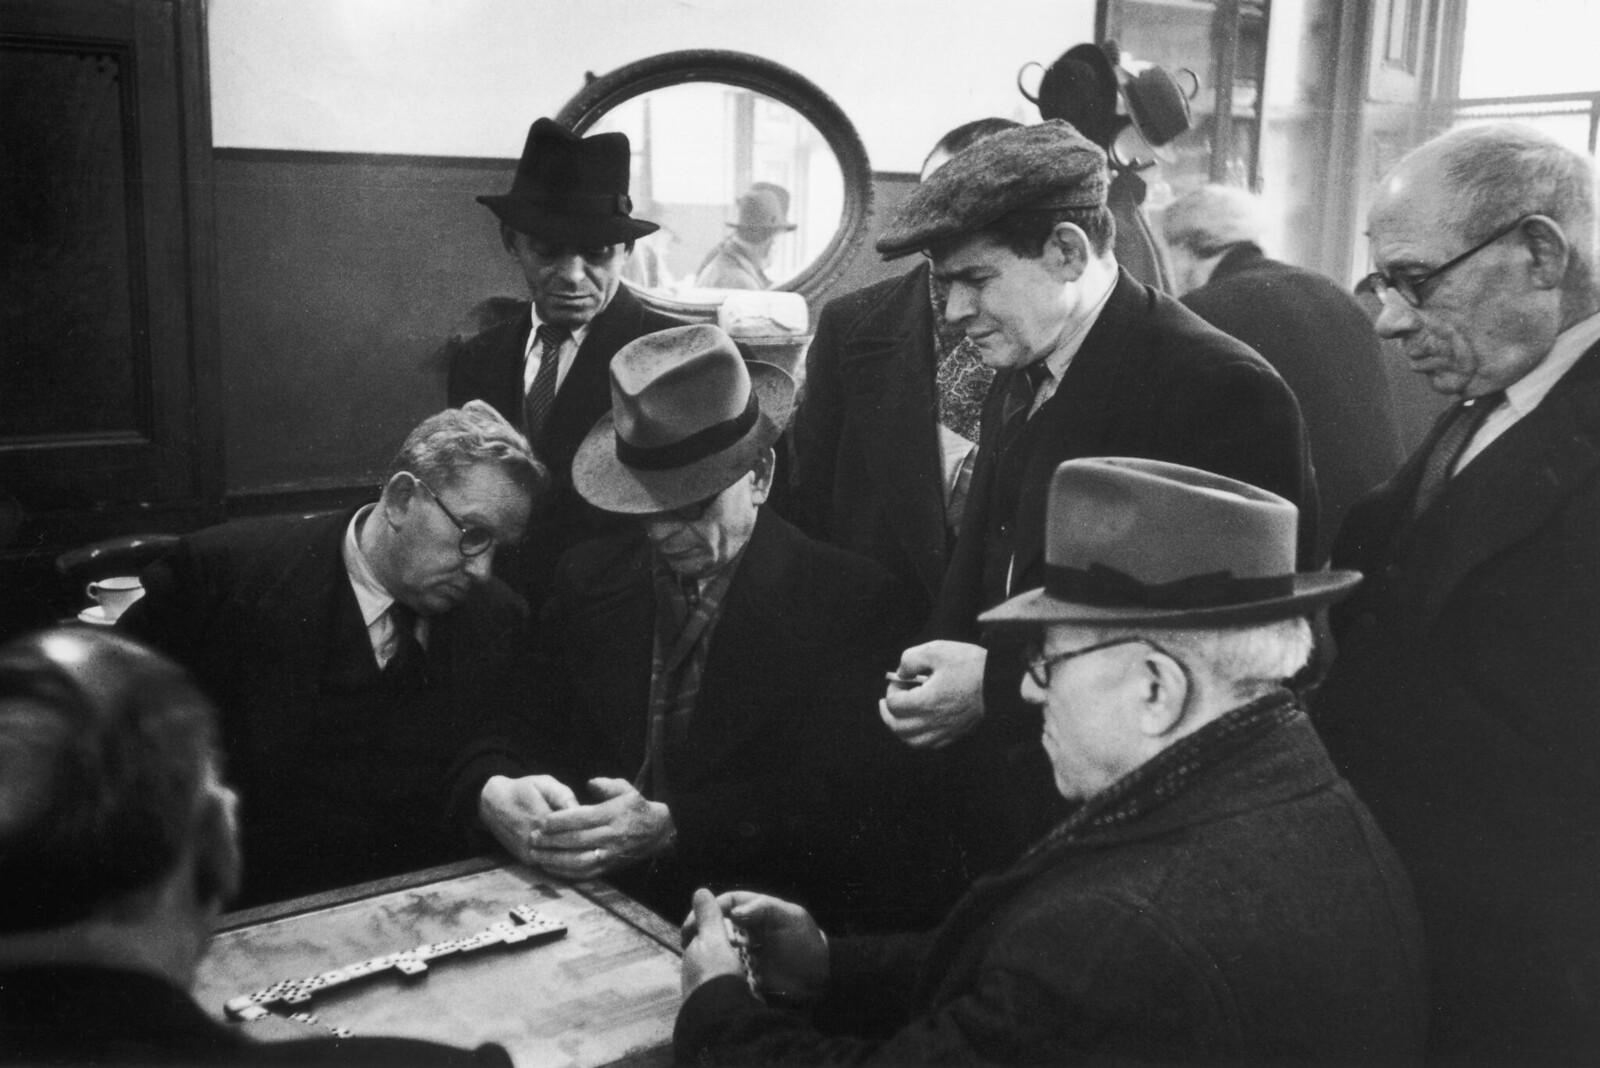 12. Группа евреев играет в домино в лондонском Ист-Энде